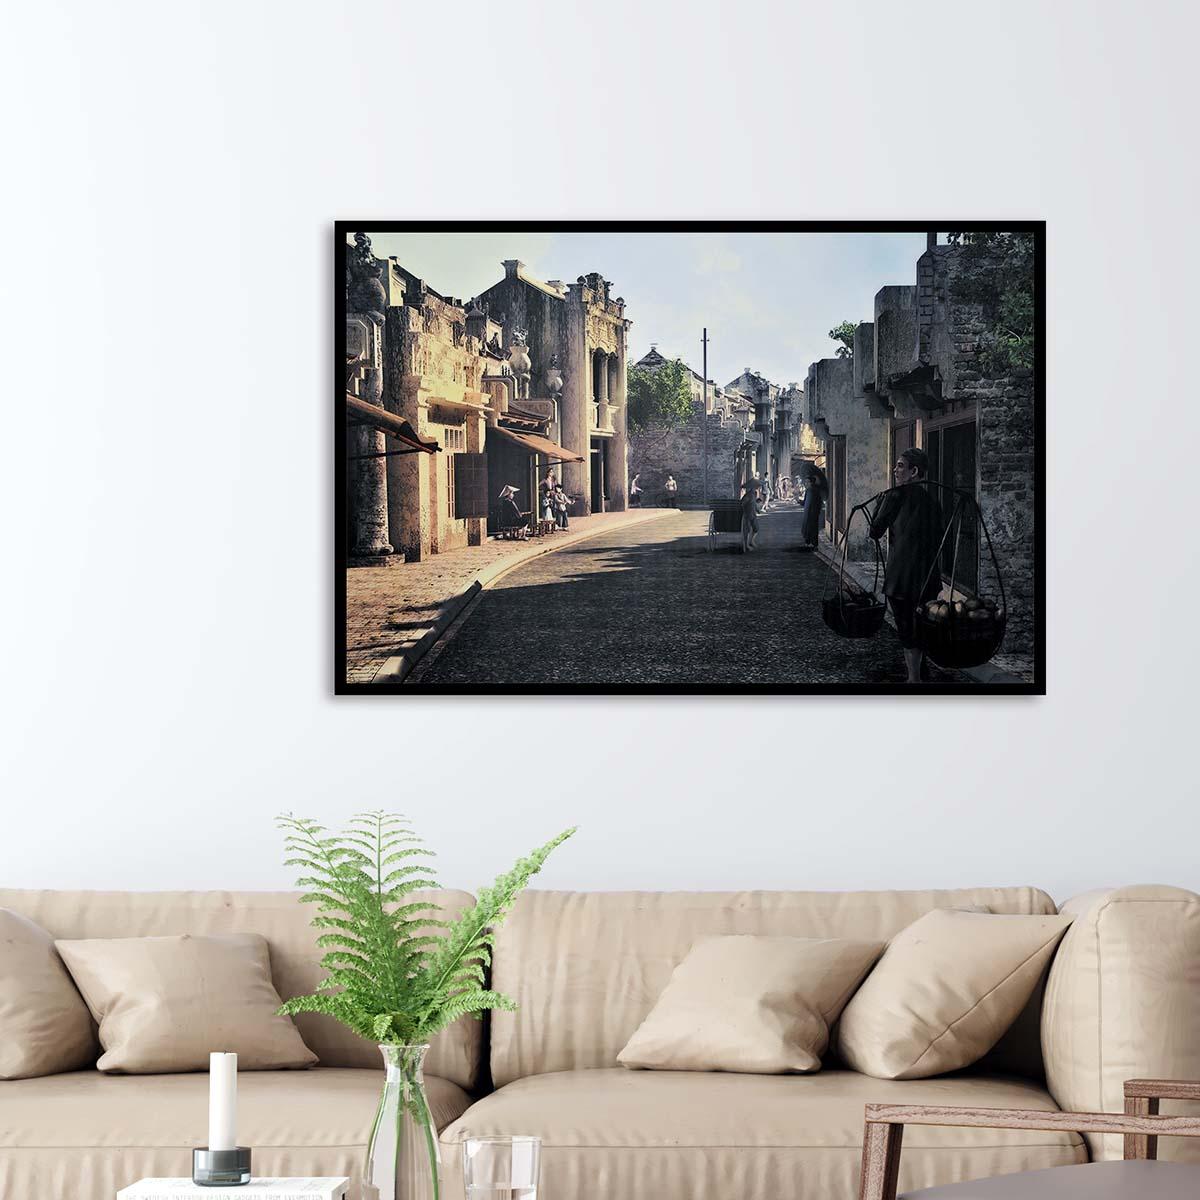 Tranh treo tường phong cảnh Hà Nội xưa - HNX011